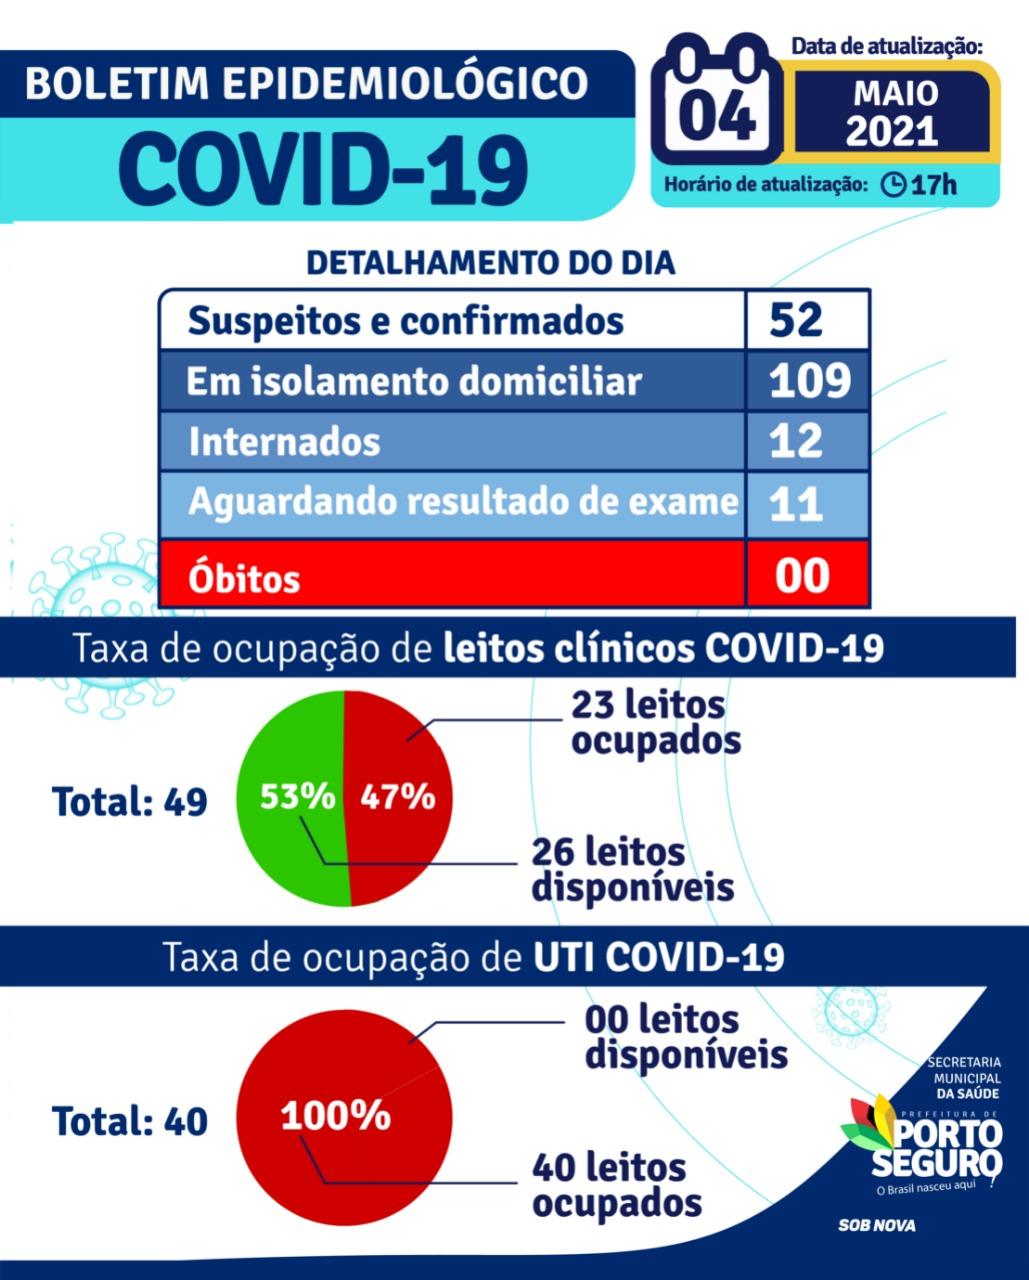 PORTO SEGURO: Boletim Coronavírus 04/05/2021 22